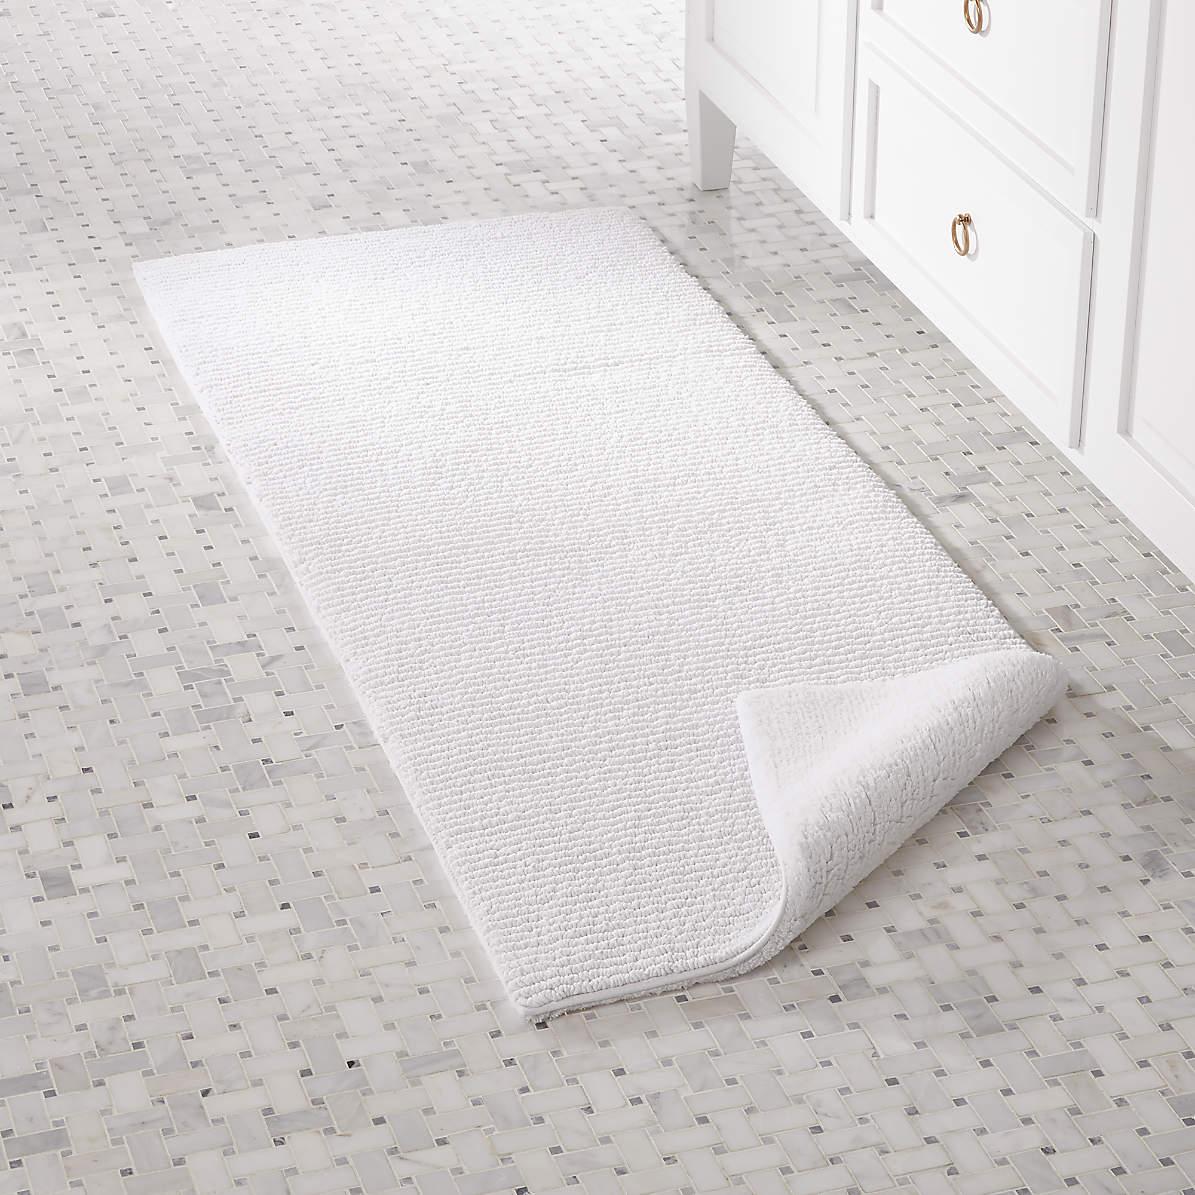 Rylan White Reversible Bath Rug 24 X60, Reversible Bathroom Rugs